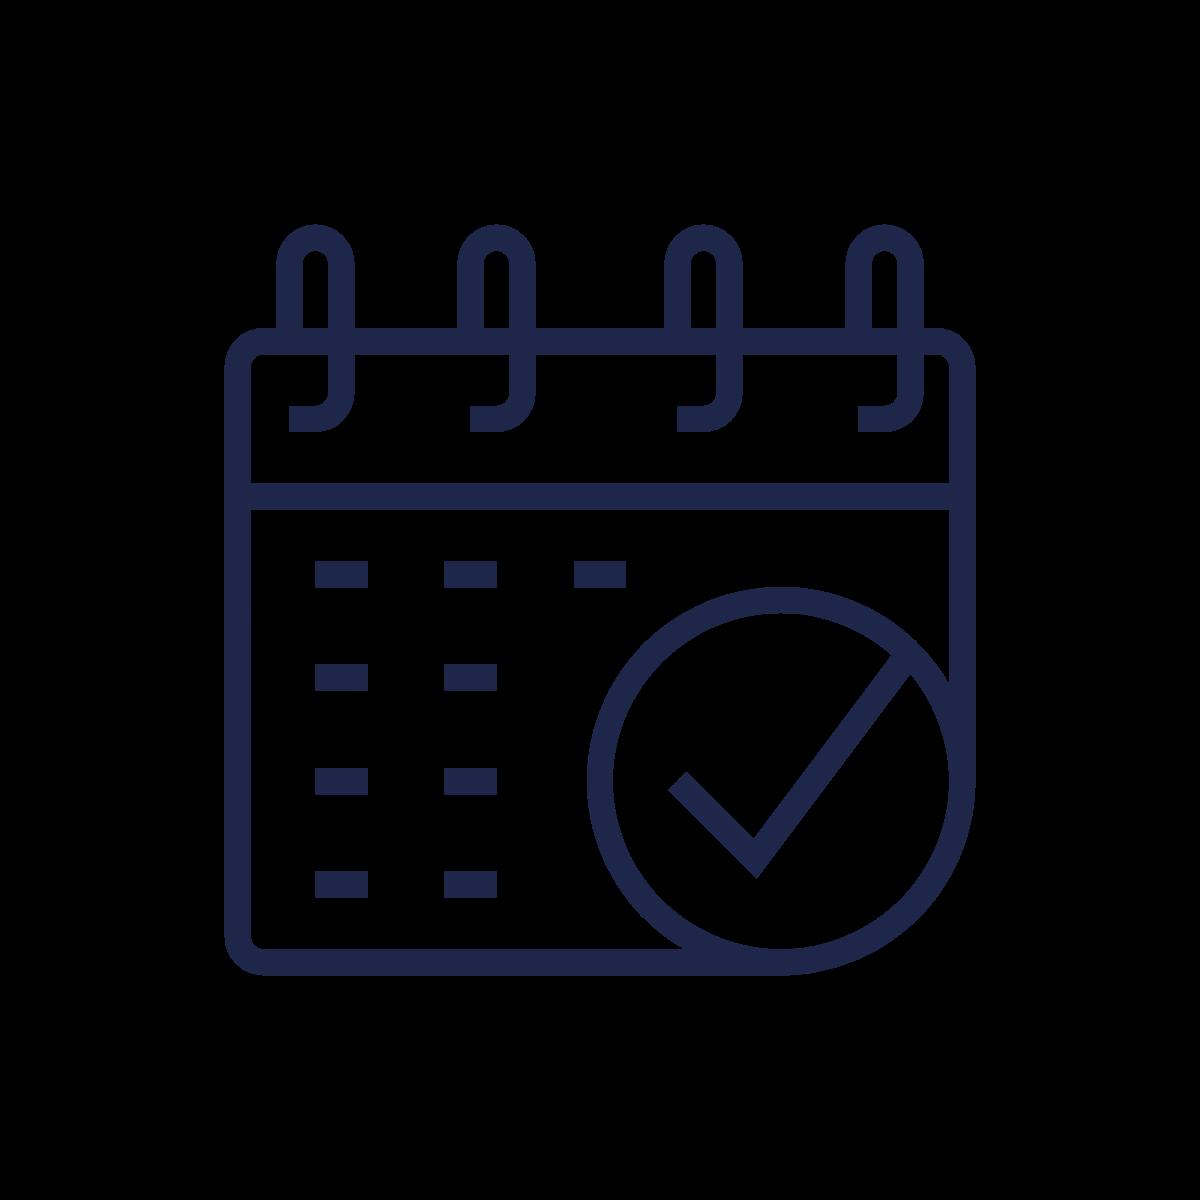 Blue To Do Calendar icon